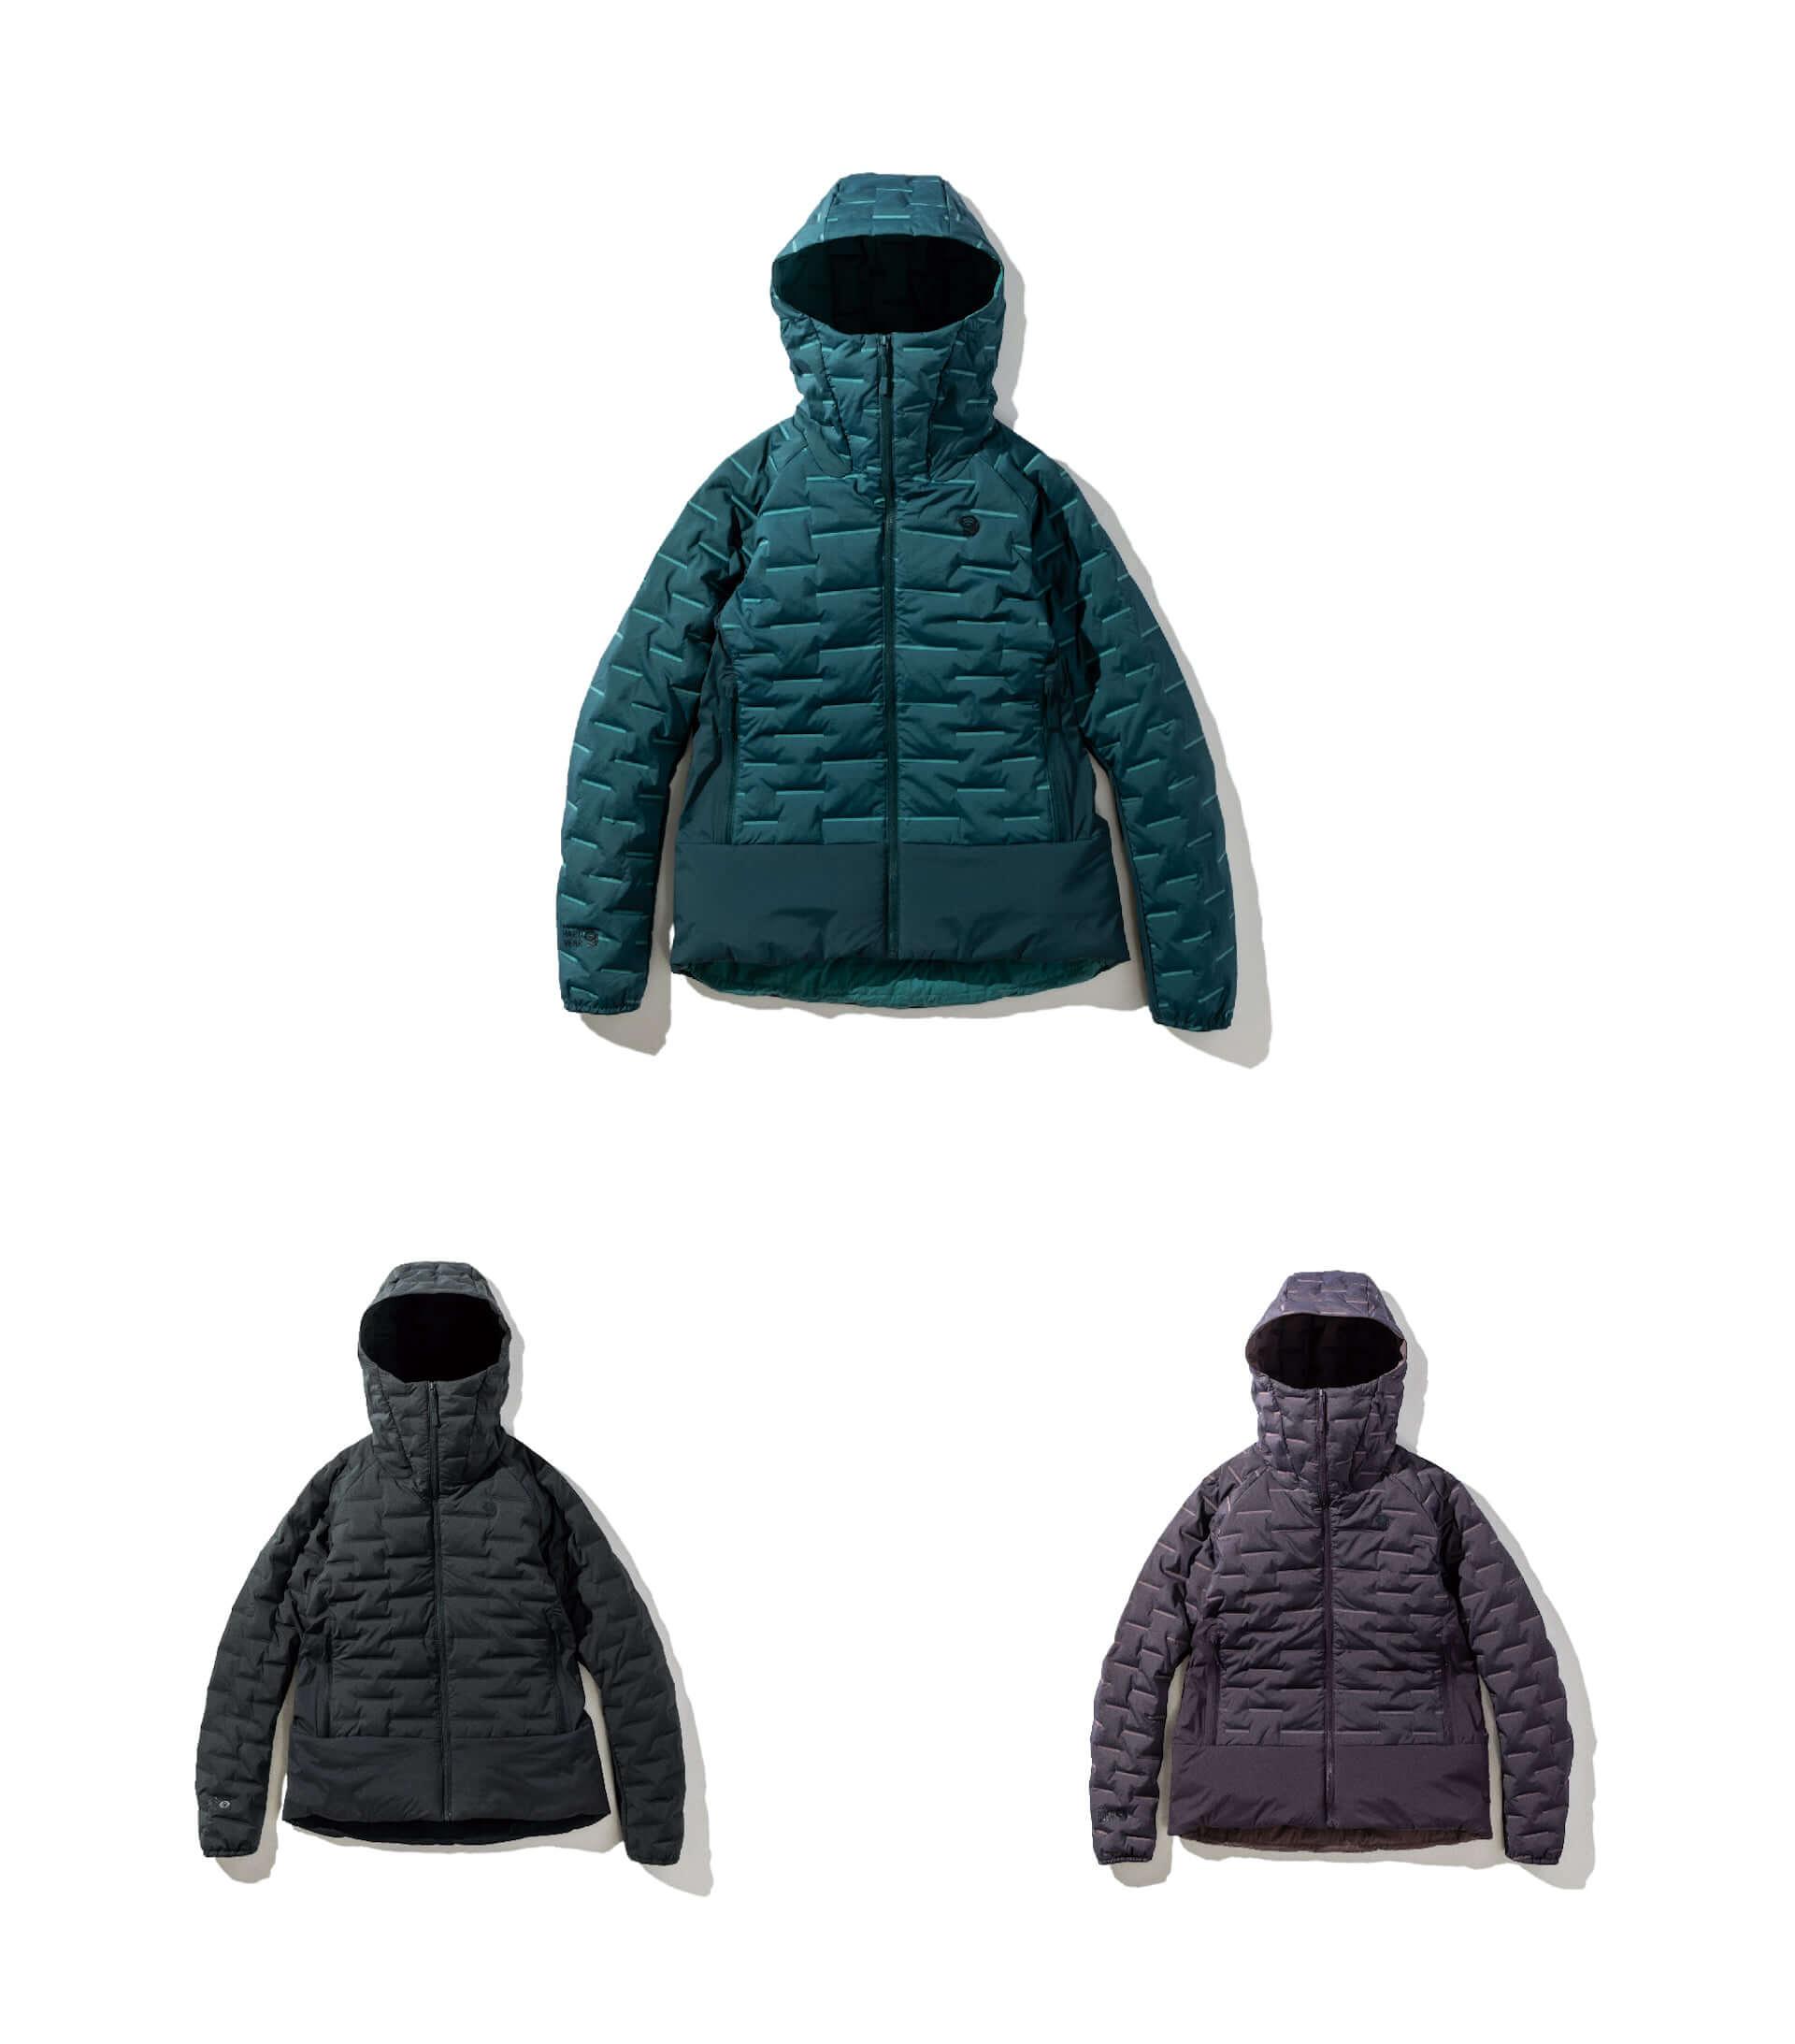 マウンテンハードウェアが縫い目の無いダウンジャケット「Super/DS Strechdown」を発売!クライミング用、ウィメンズモデルなど多数展開 lf201016_mountain-hardwear_6-1920x2186